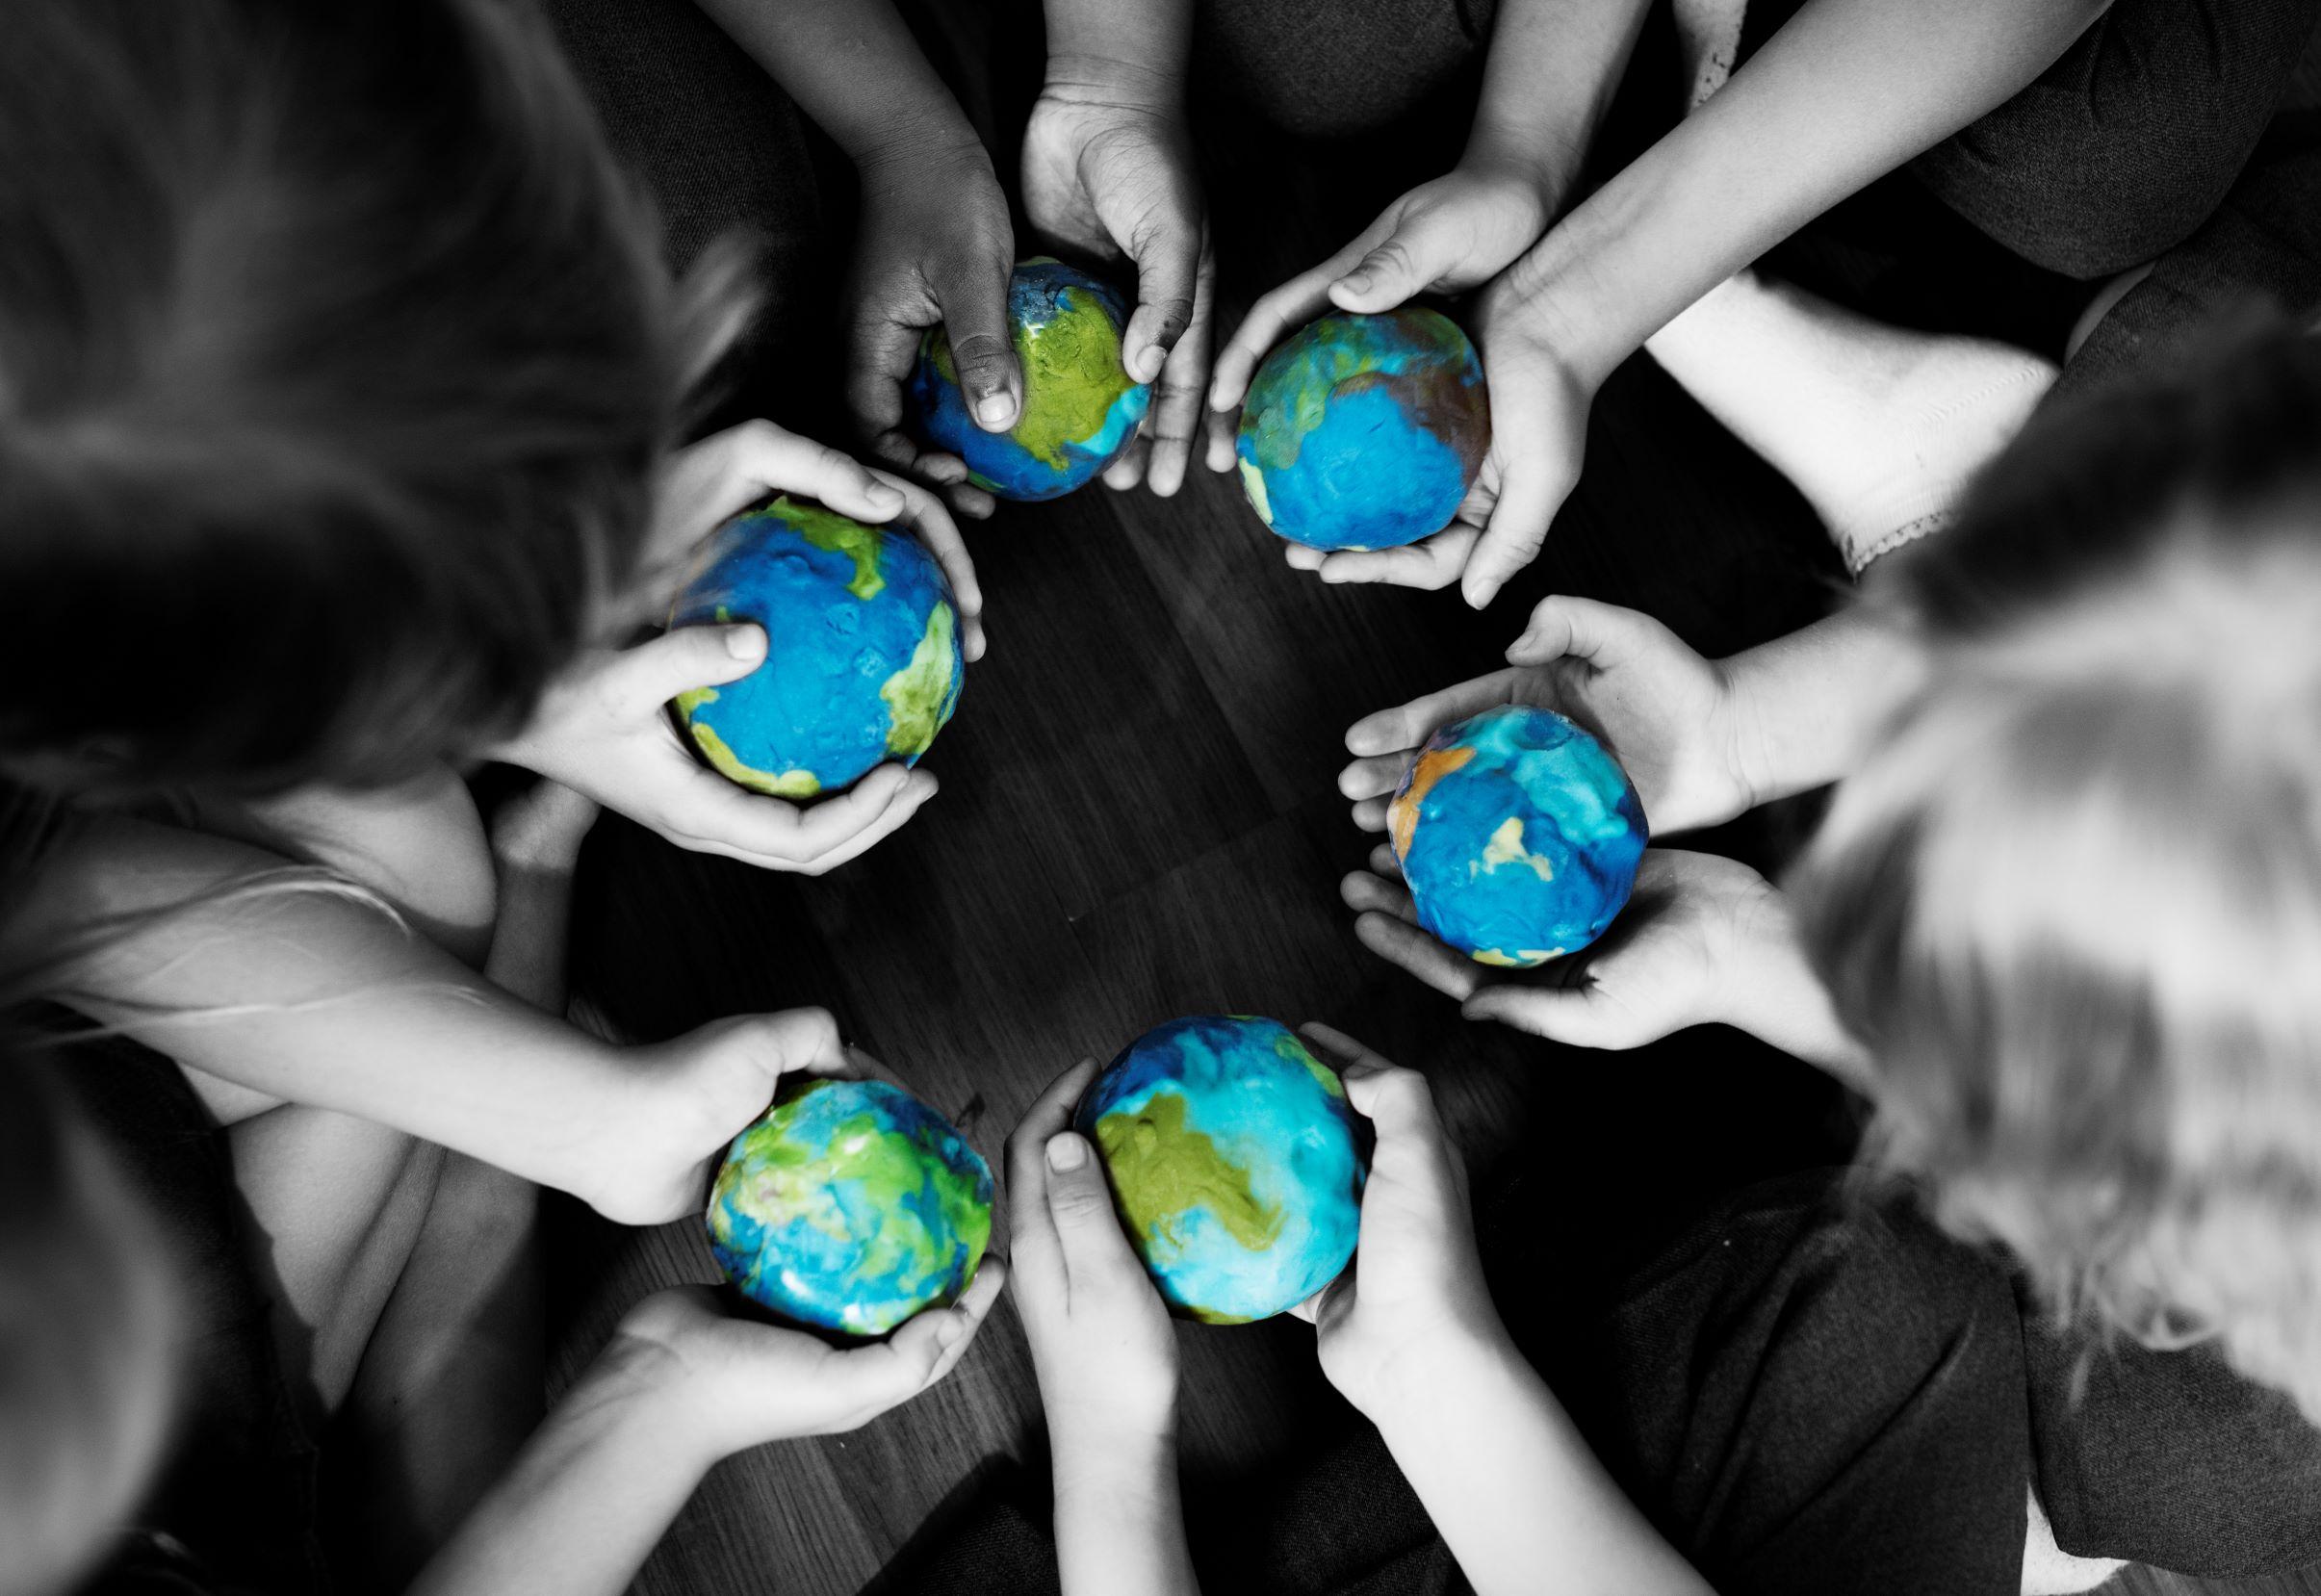 Sólo podemos ayudar a los niños si primero nos ayudamos a nosotros mismos.